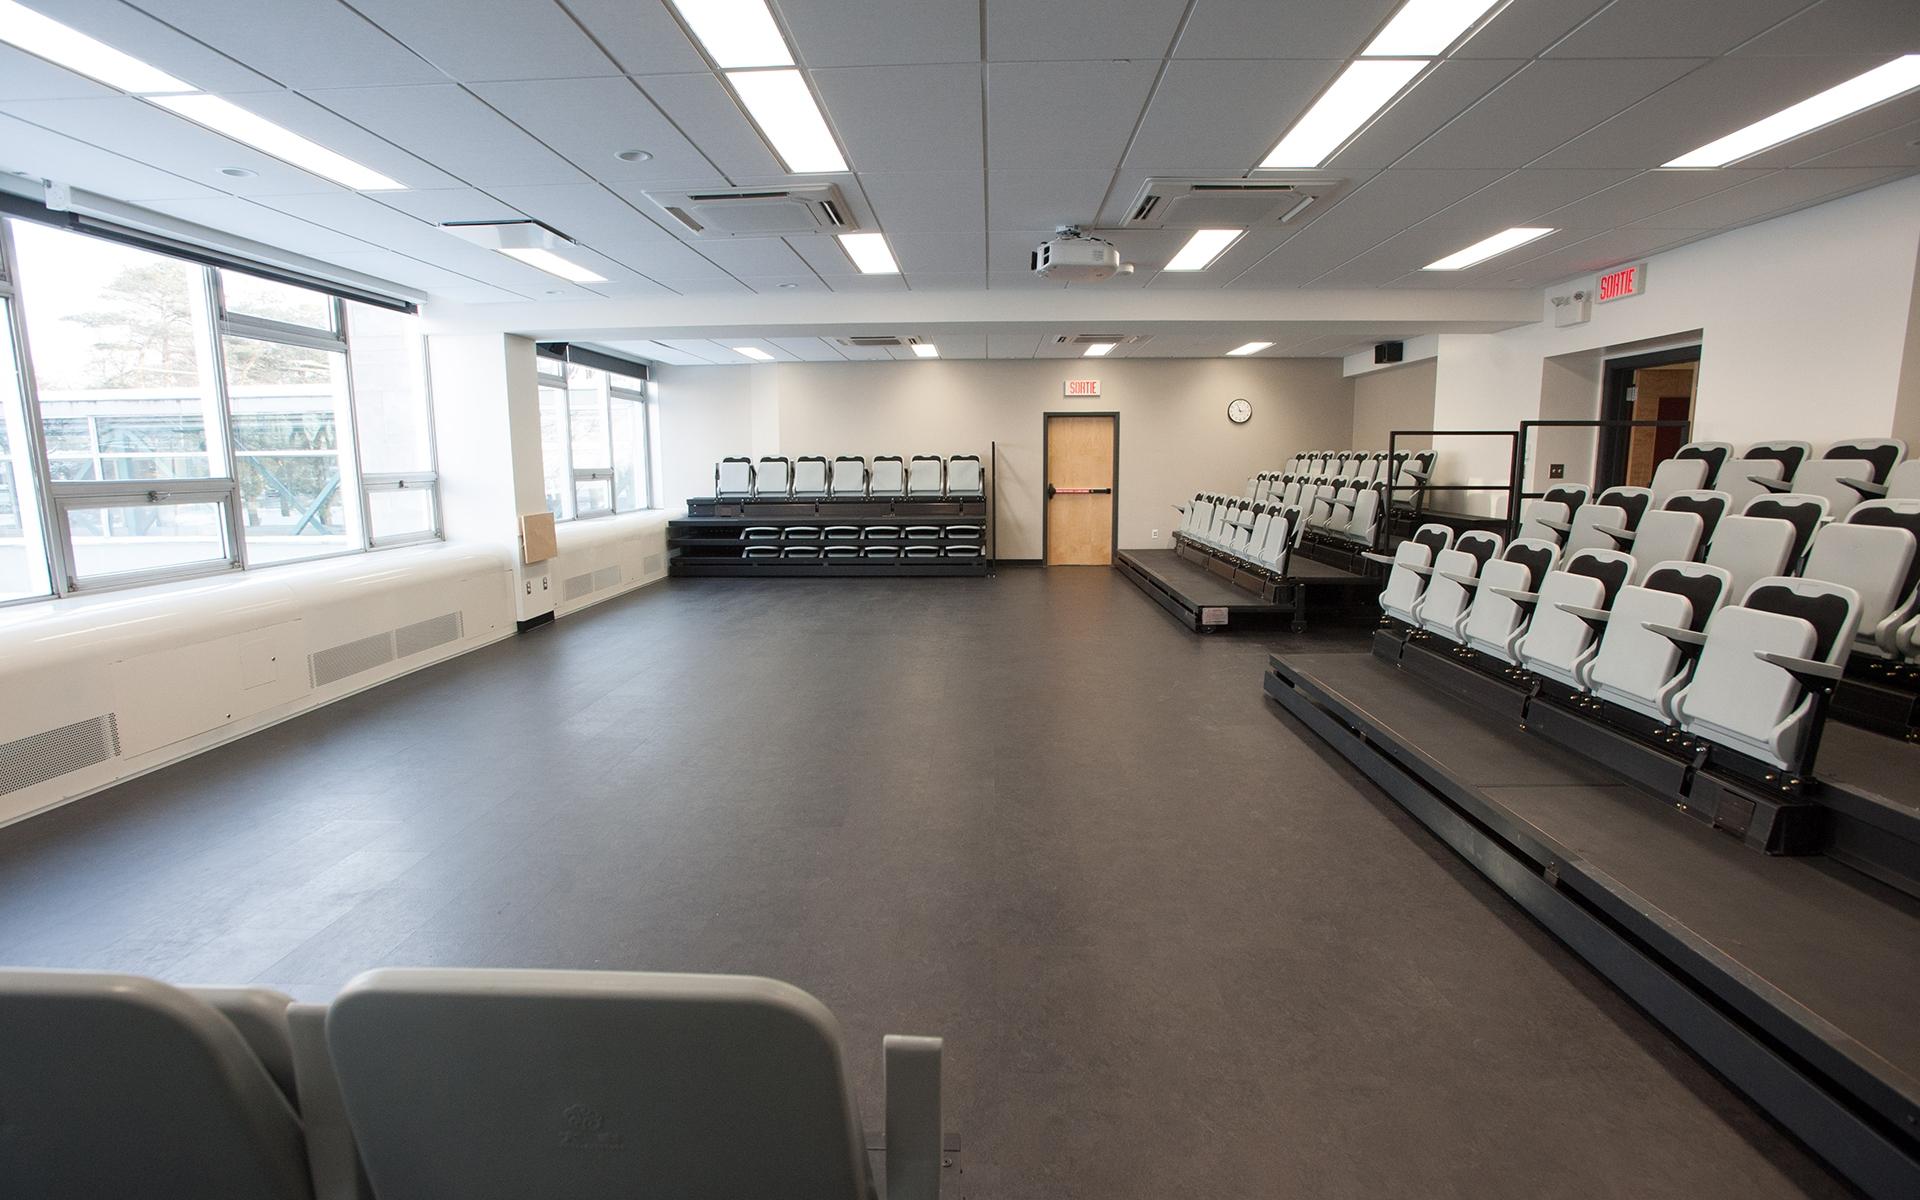 Salle de formation / réunion